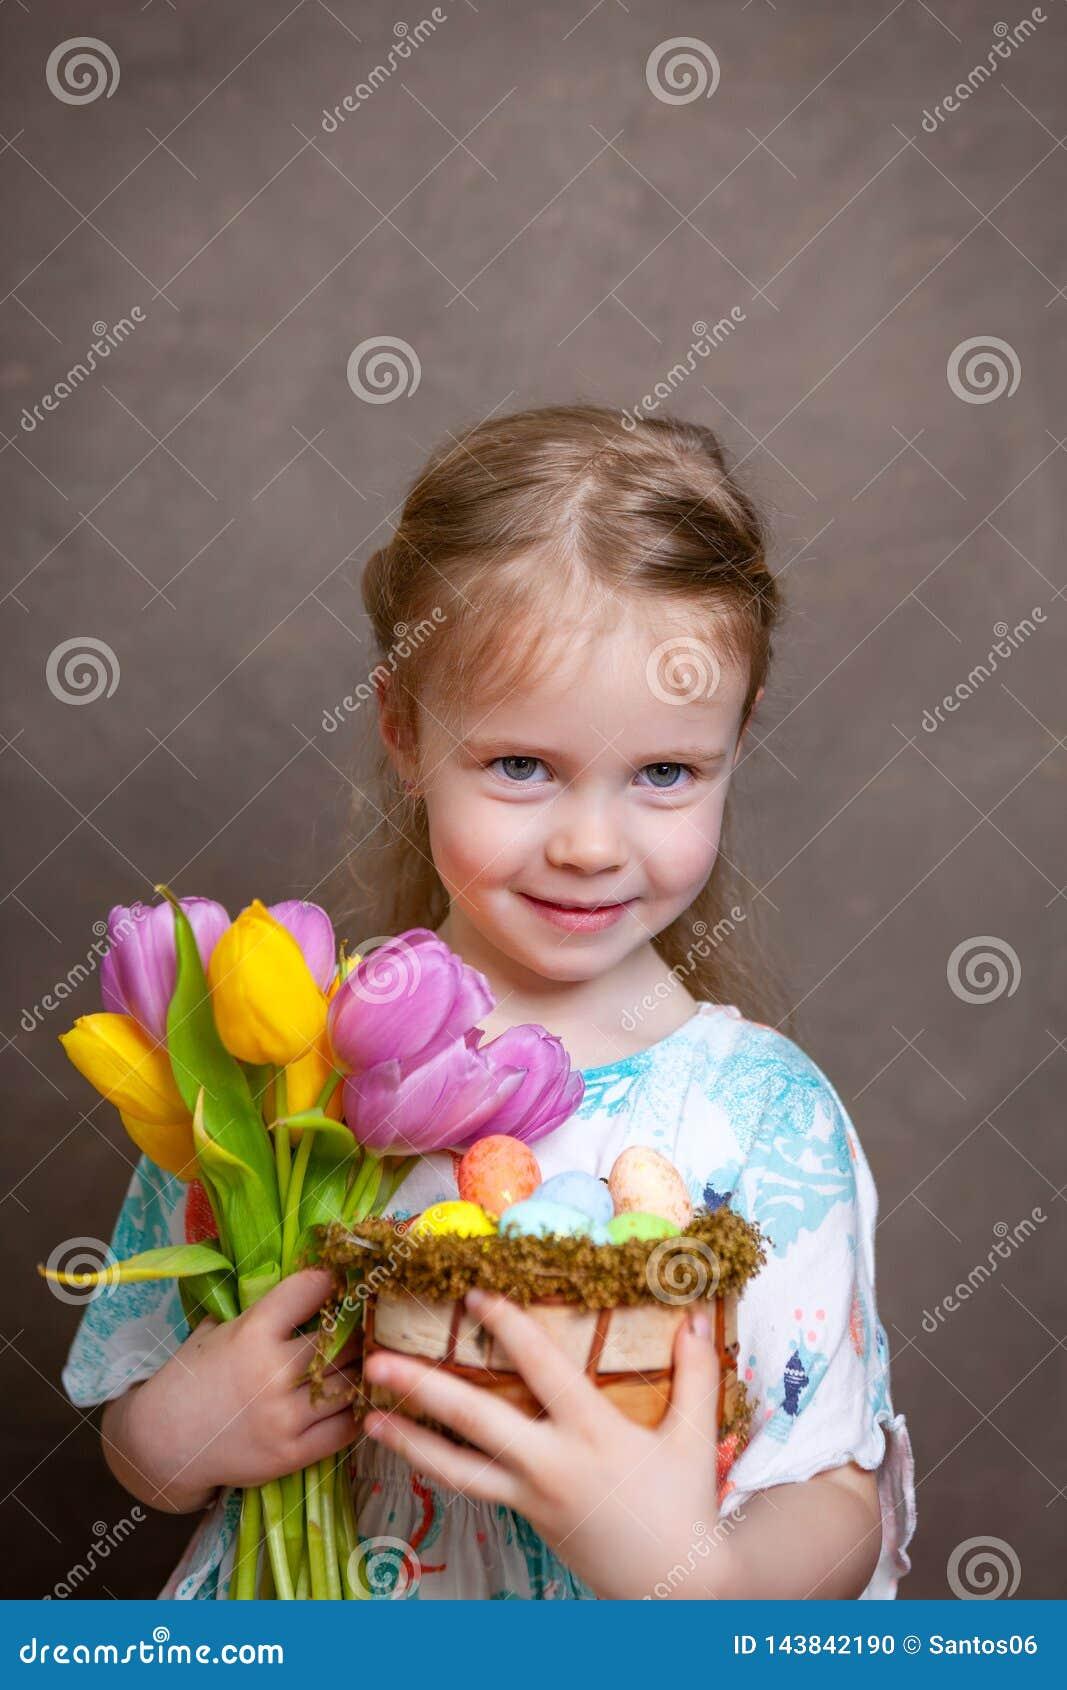 Little girl holding tulips